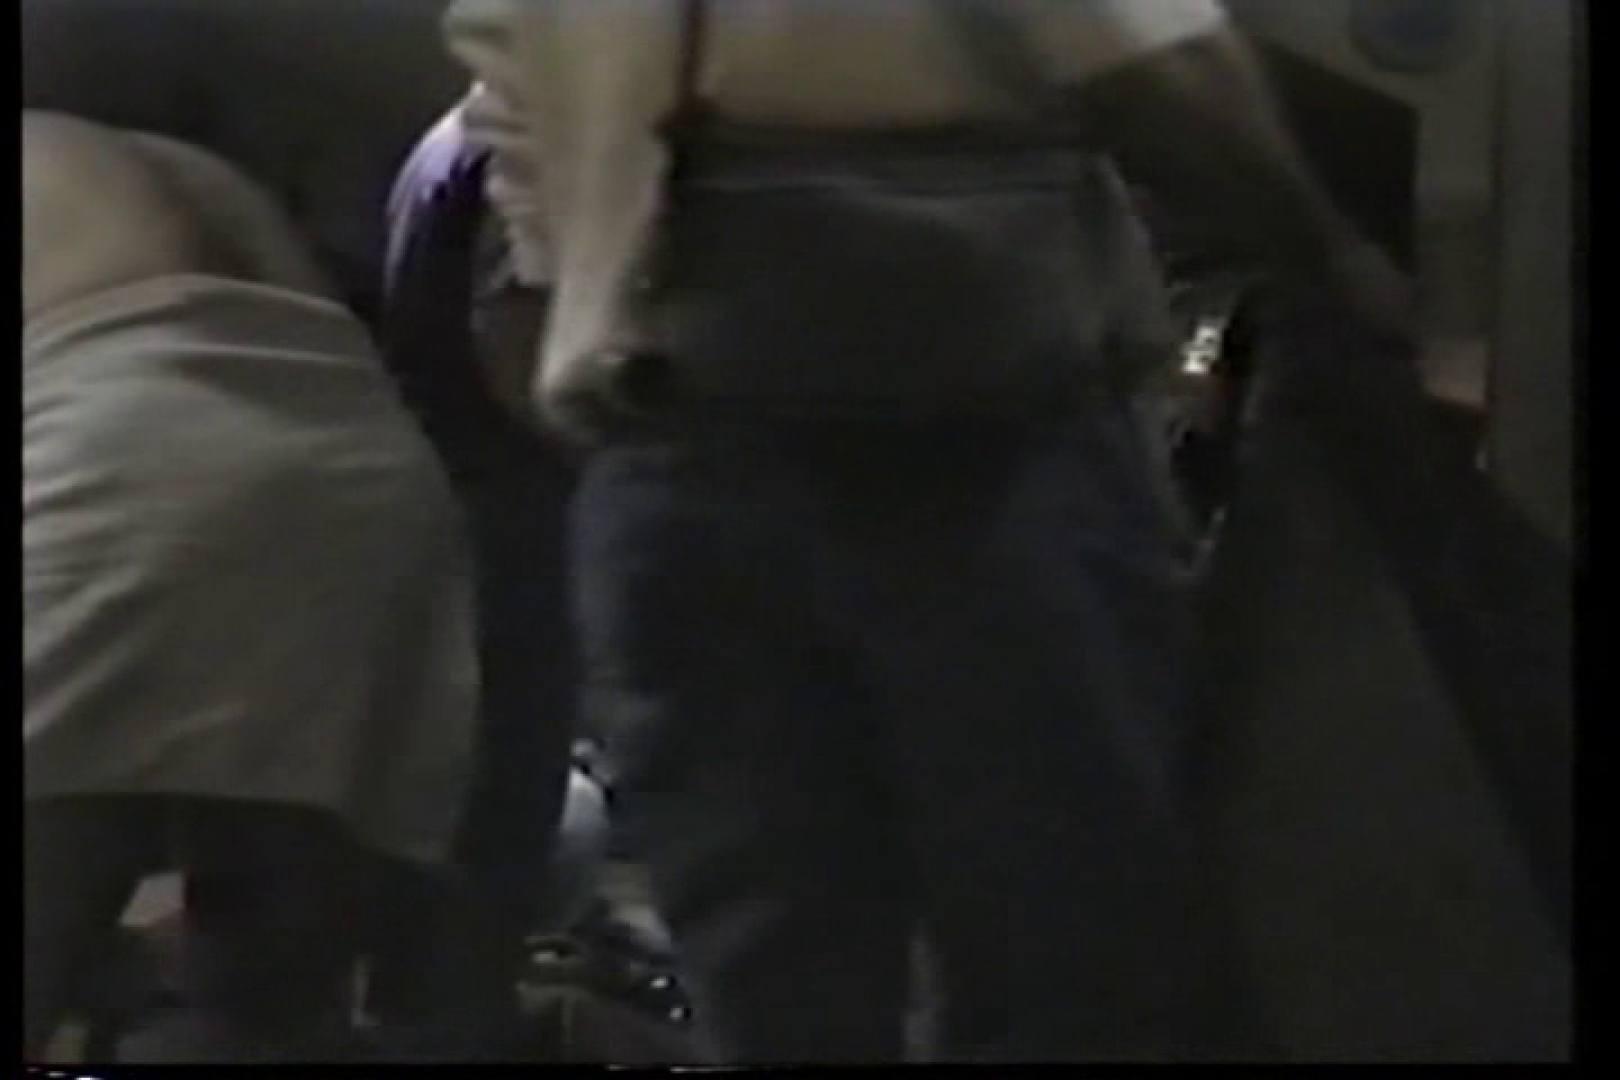 洋人さんの脱衣所を覗いてみました。VOL.3 のぞき  38pic 21